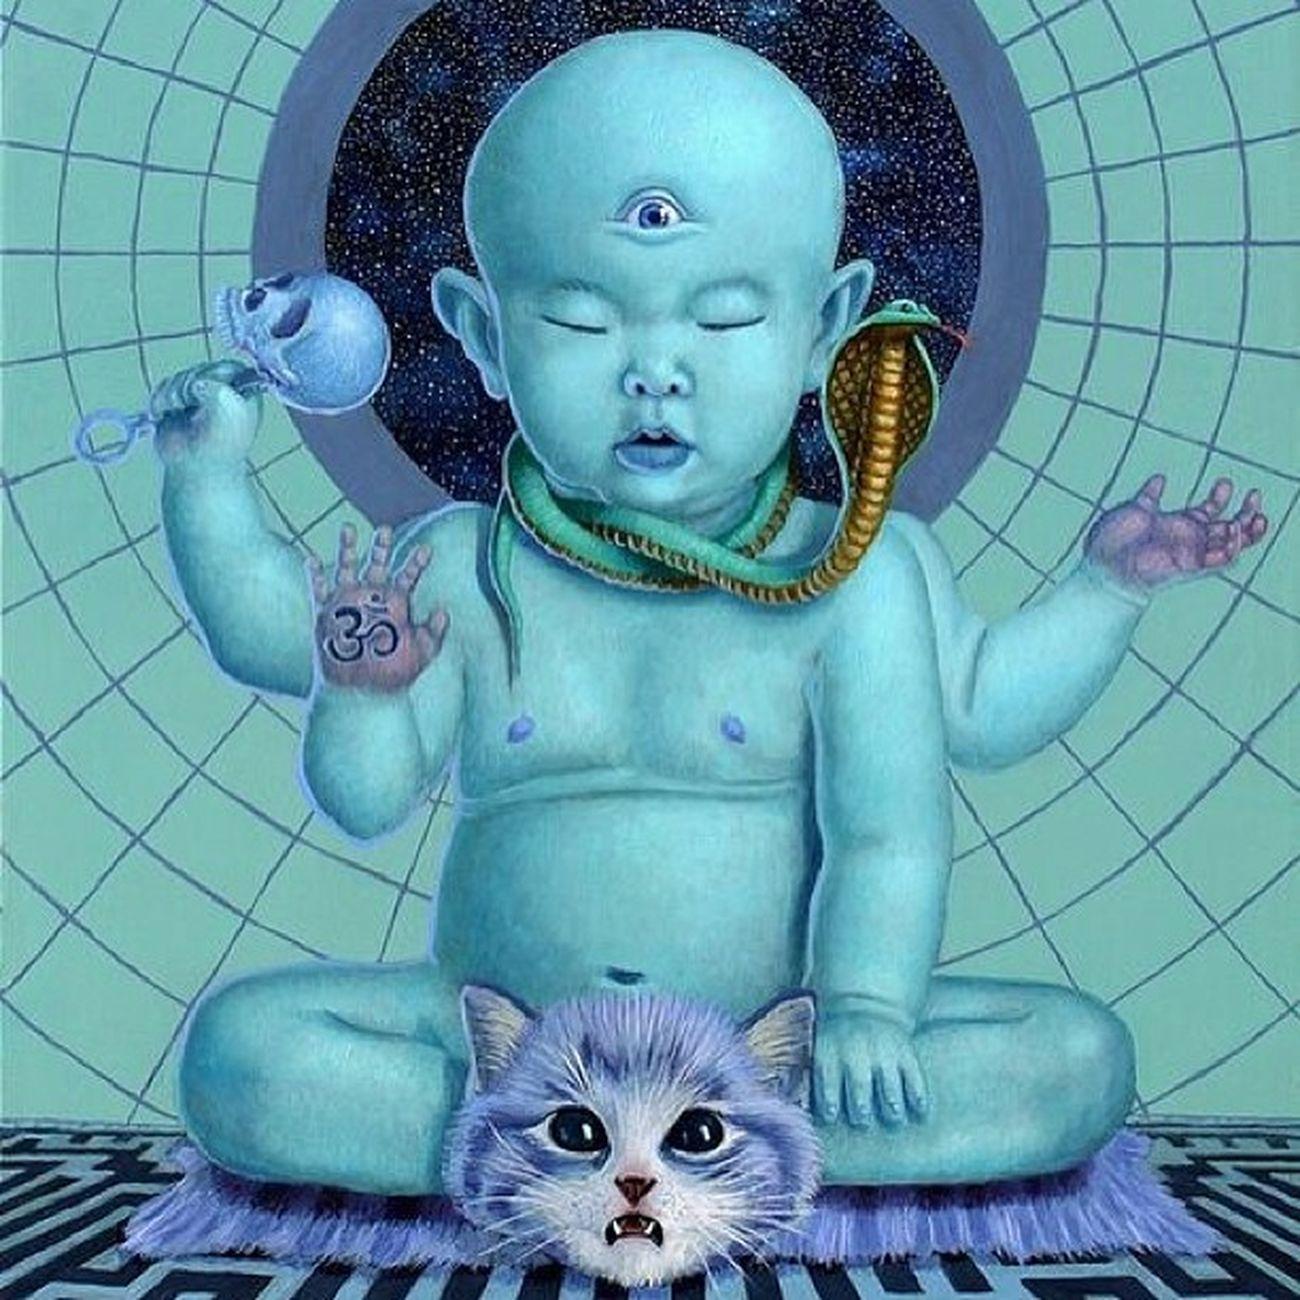 Smallshiva Shiva Psyhavoc Psychedelic